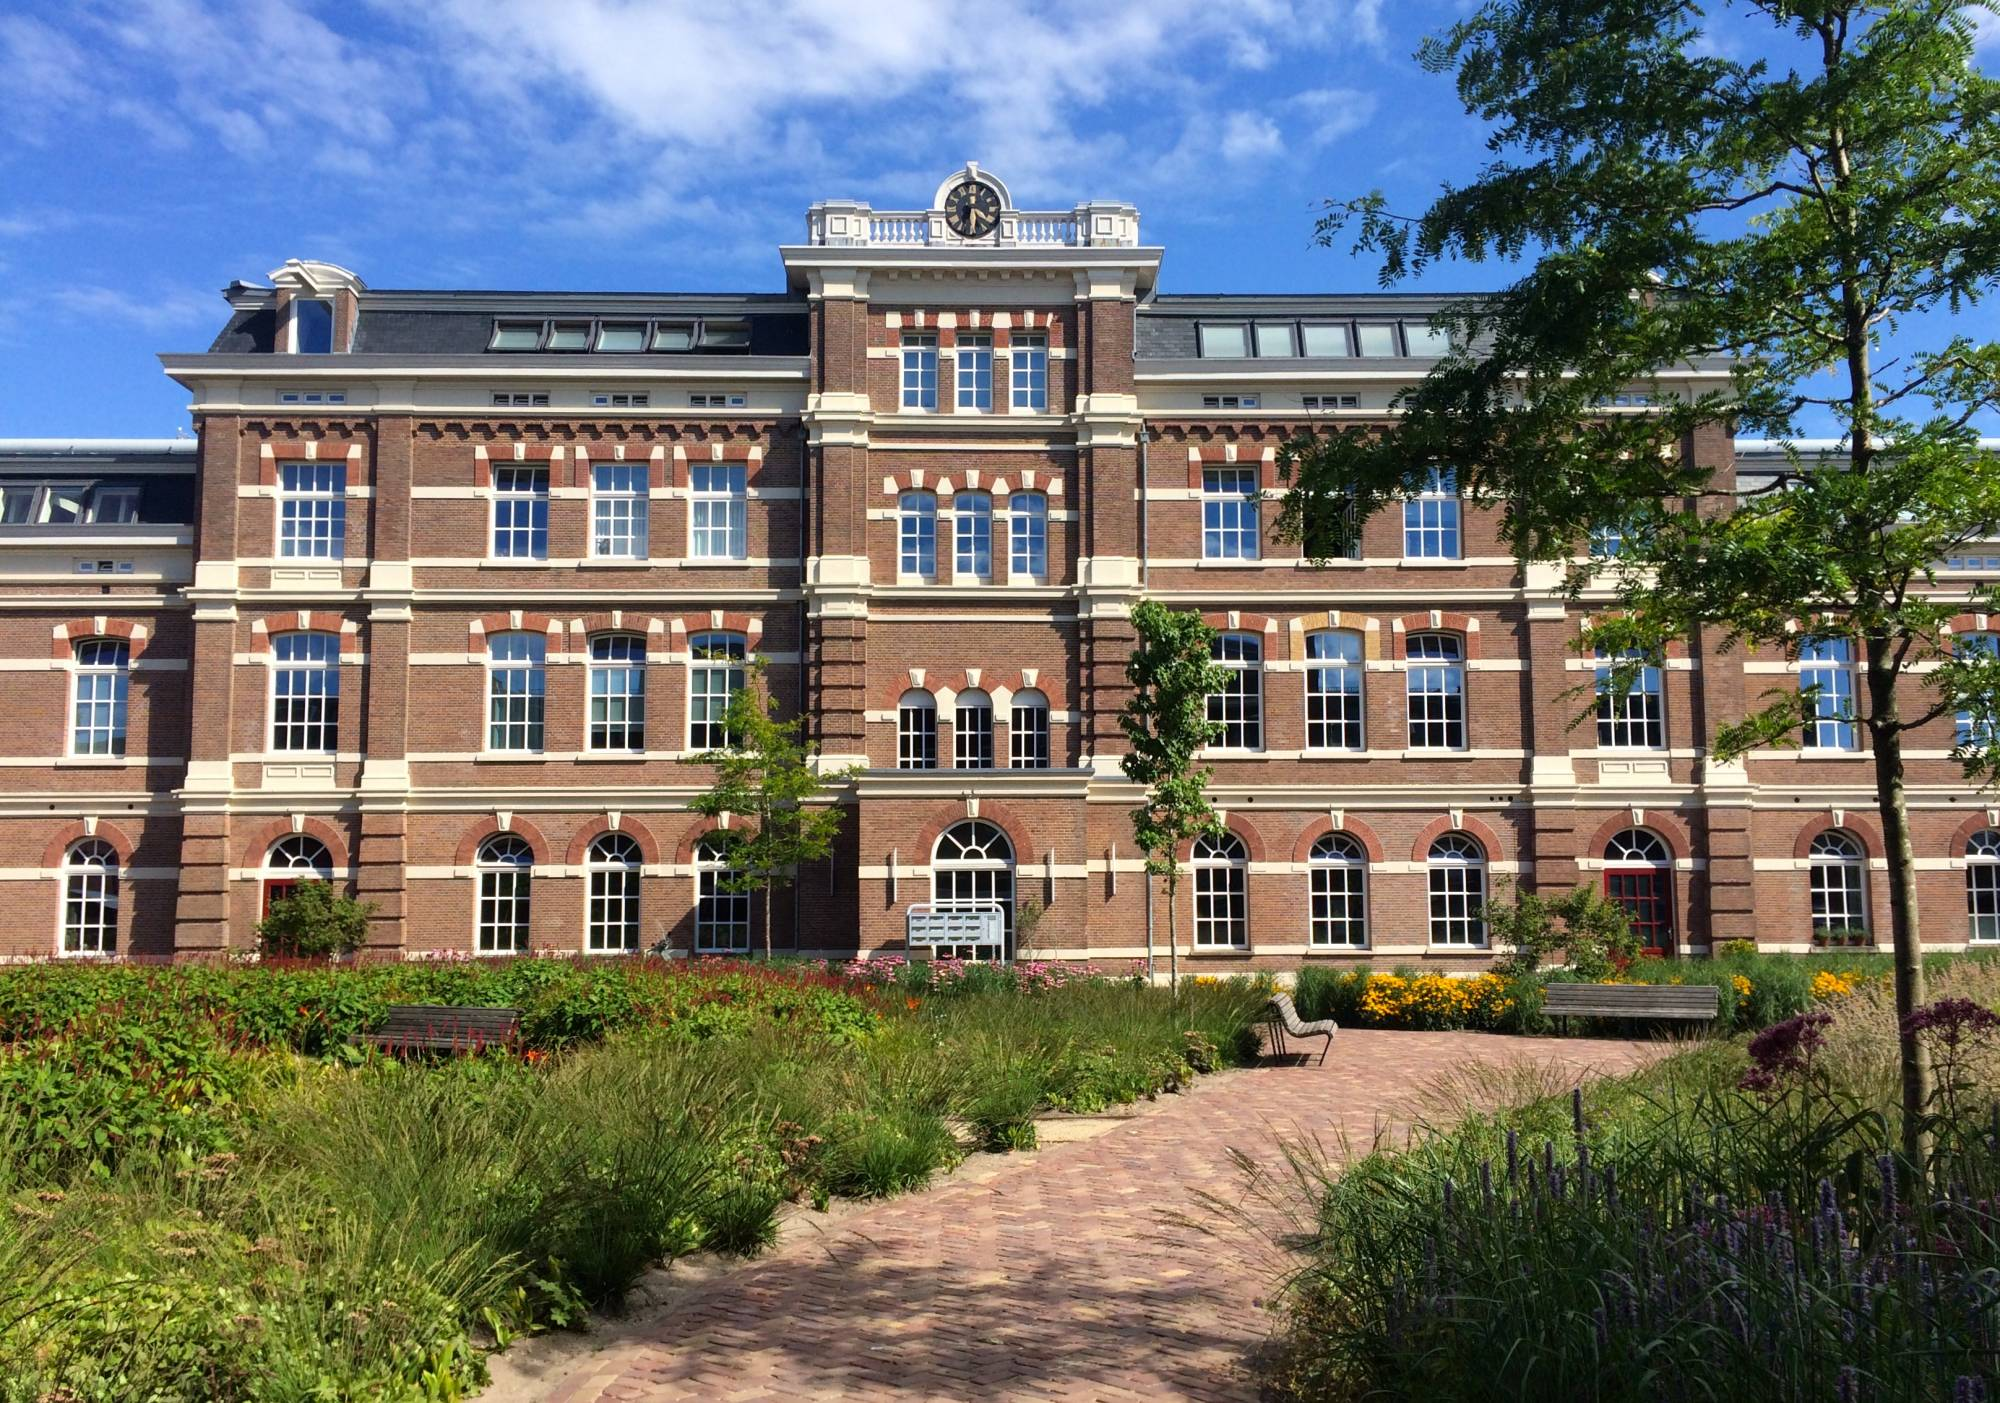 Kazerneplein 10, Haarlem